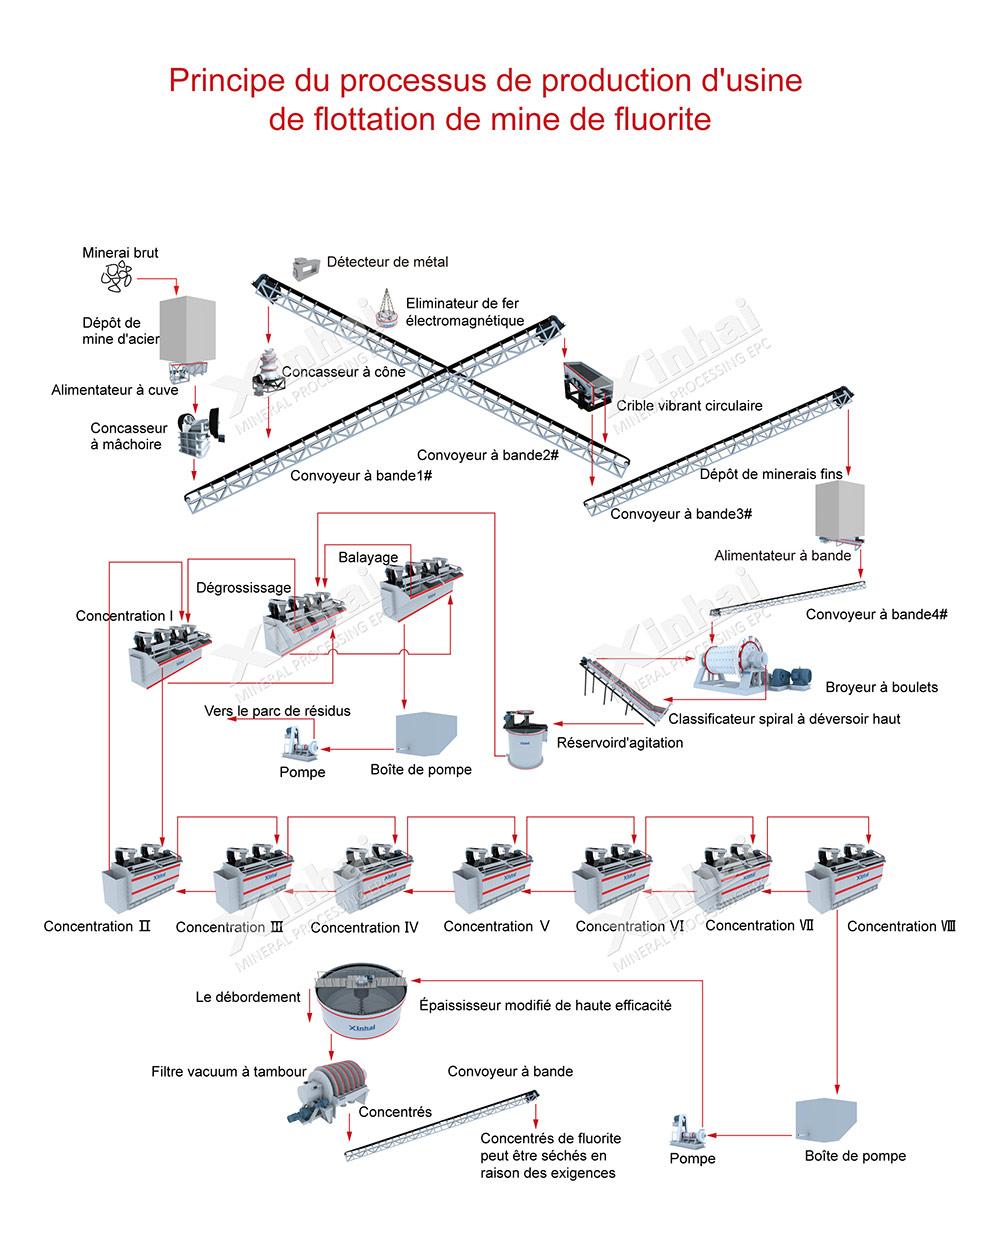 Processo de flotação de minério de fluorita